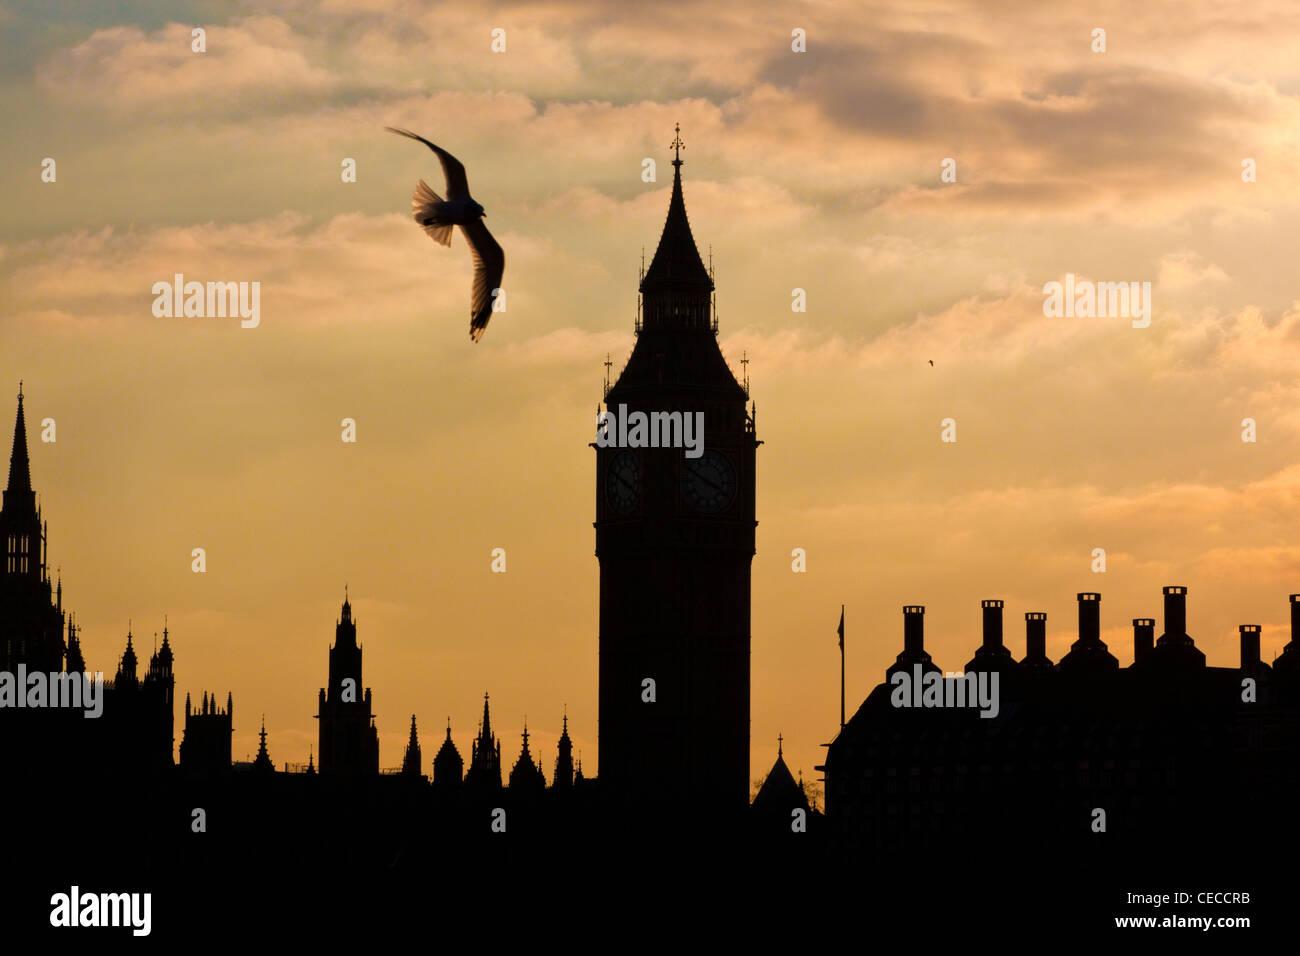 Las casas del parlamento, Big Ben, la torre del reloj y Portcullis House, Westminster, Londres Central siluetas al atardecer. Foto de stock